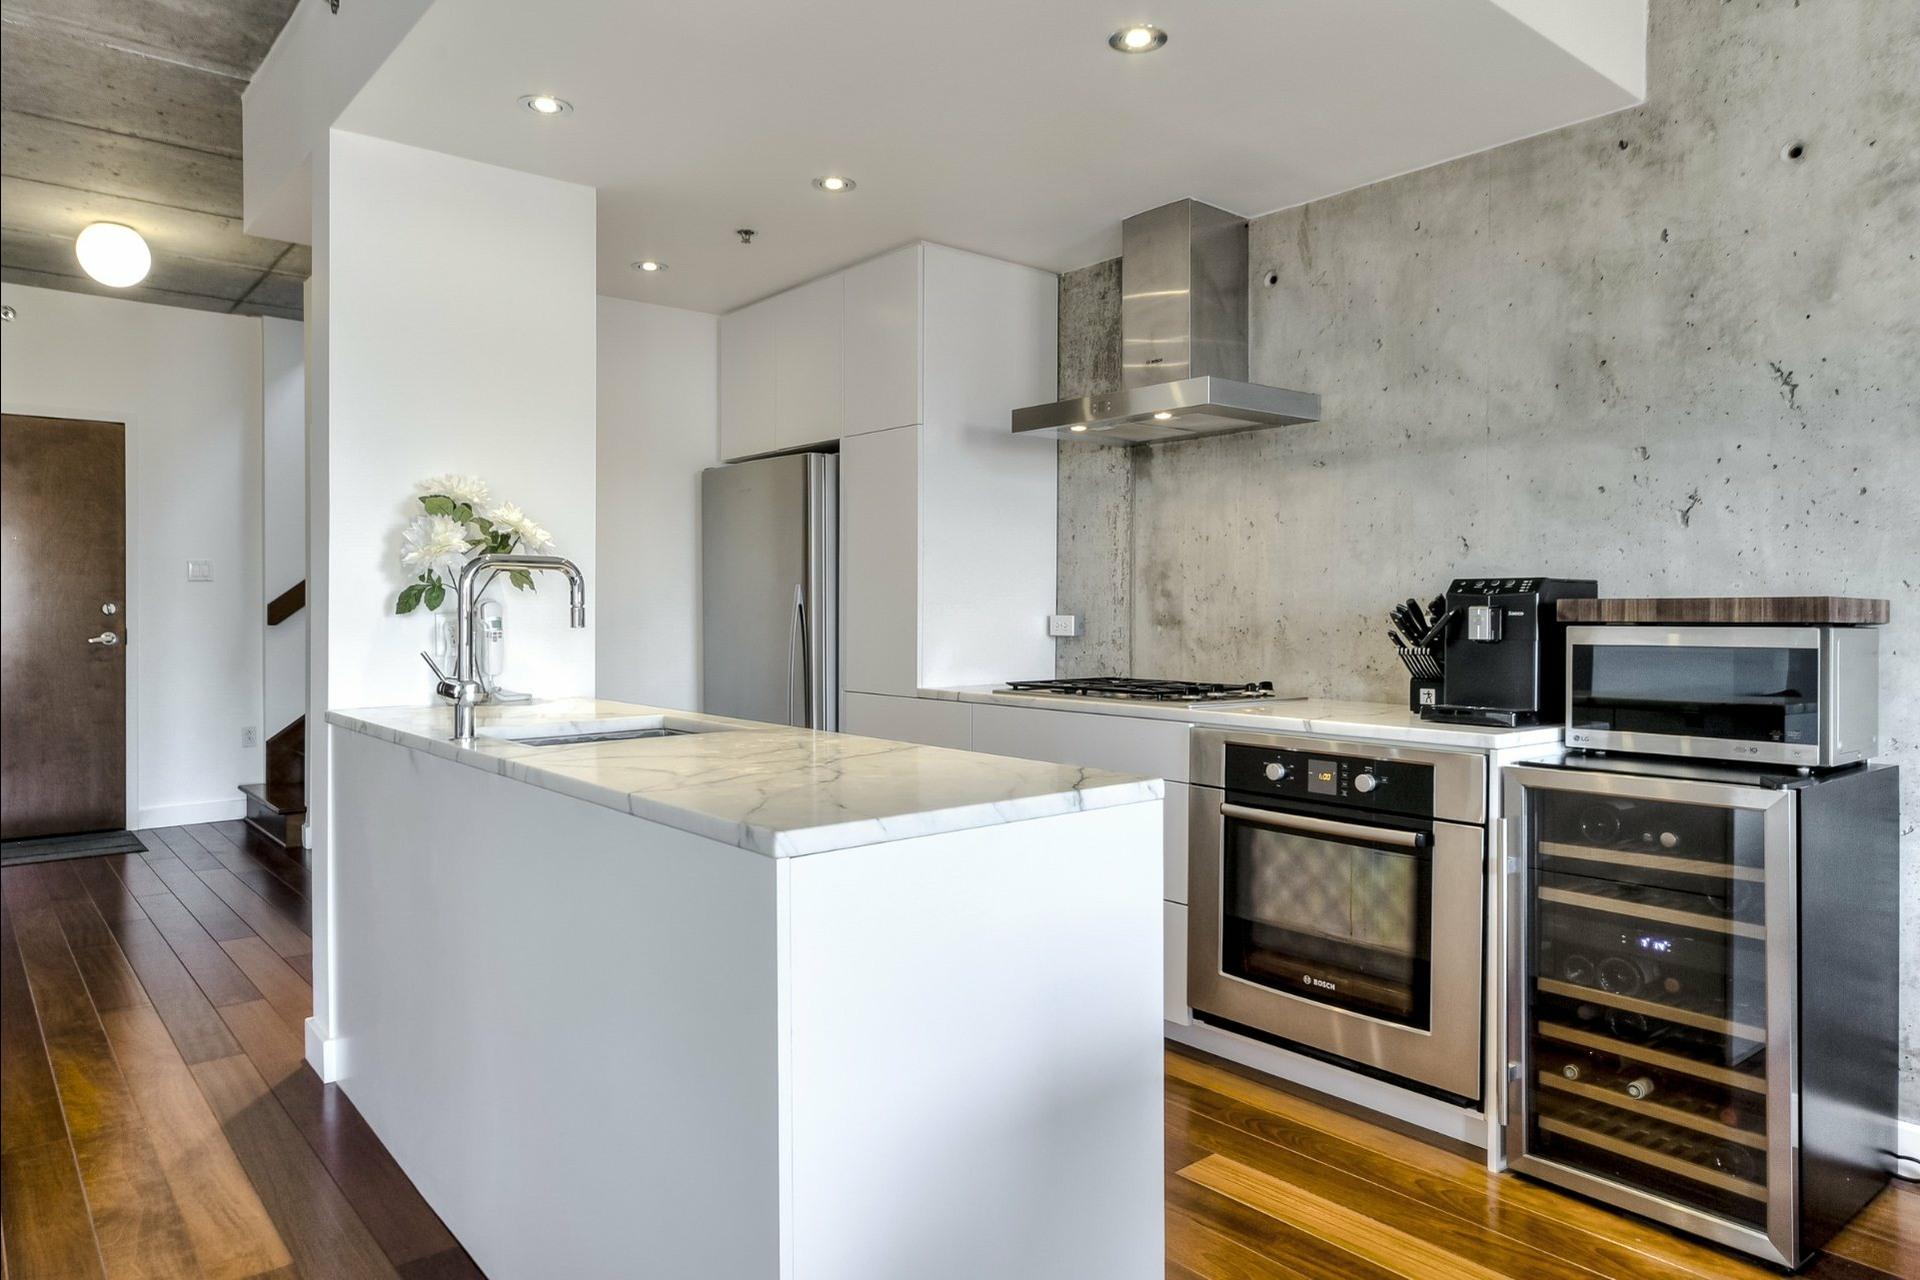 image 8 - Appartement À vendre Montréal Le Plateau-Mont-Royal  - 6 pièces